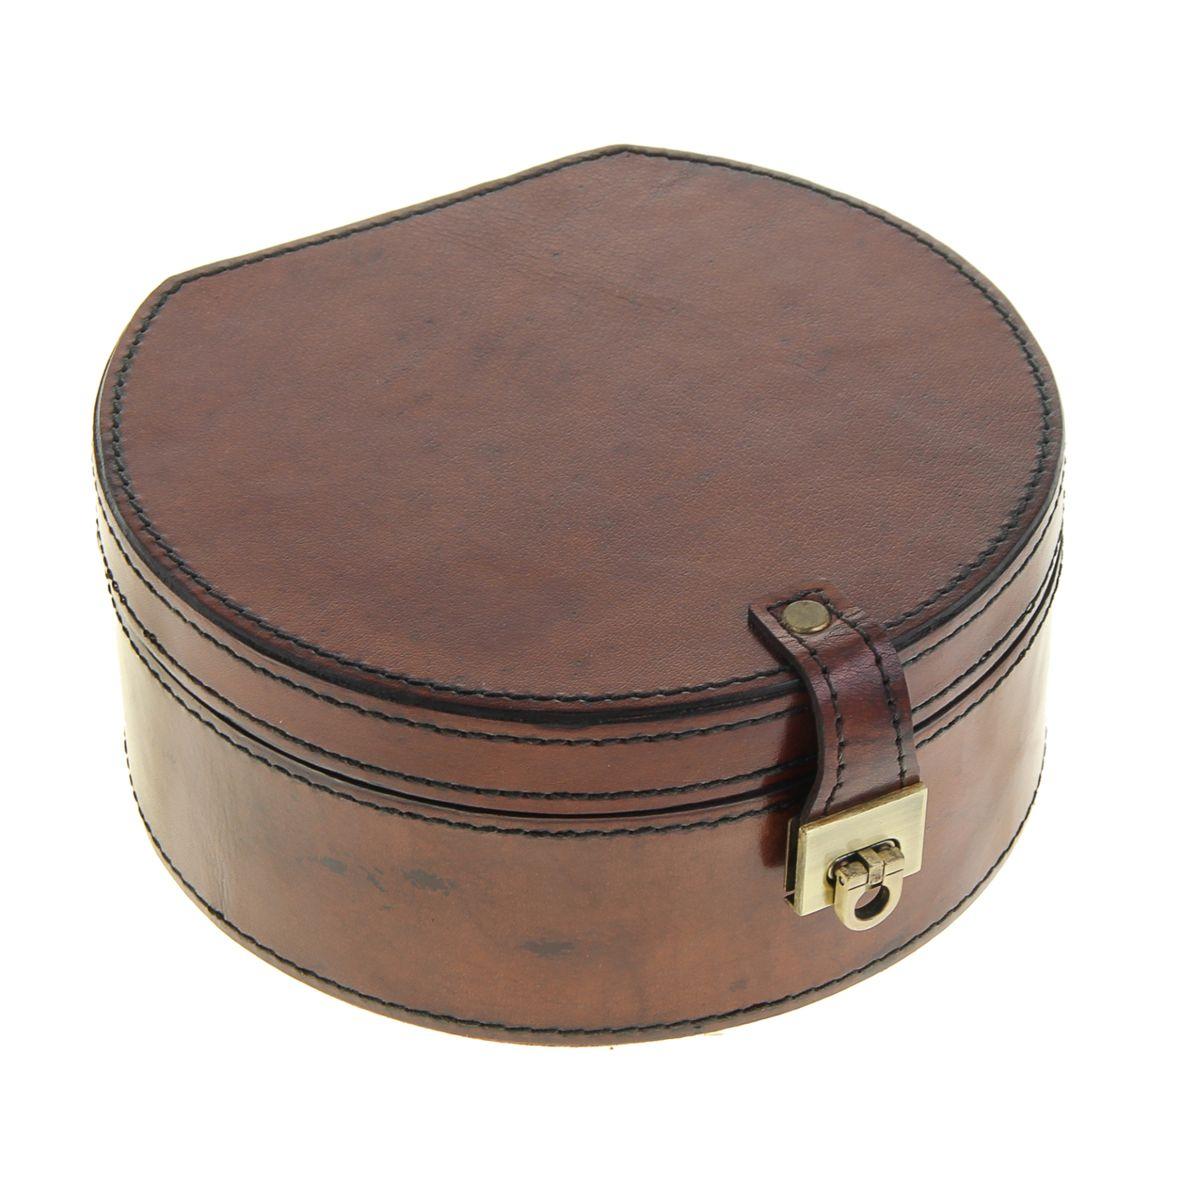 Шкатулка Sima-land, цвет: коричневый, 18 см х 16,5 см х 8 см699567Шкатулка Sima-land выполнена из МДФ. Снаружи шкатулка обтянута натуральной кожей буйвола, придающей особый колорит с легкой ноткой экзотики. Внутри расположено одно отделение для бижутерии, одно отделение для хранения пяти колец и петельки для подвешивания сережек. Изнутри она покрыта мягким материалом, который сбережет украшения от лишних царапин. Разве может истинная ценительница украшений остаться равнодушной при виде такой эффектной шкатулки? Шкатулка под бижутерию Sima-land станет своеобразным ларчиком, в котором можно хранить личные сокровища - любимые сережки, фамильный медальон или обручальное кольцо.